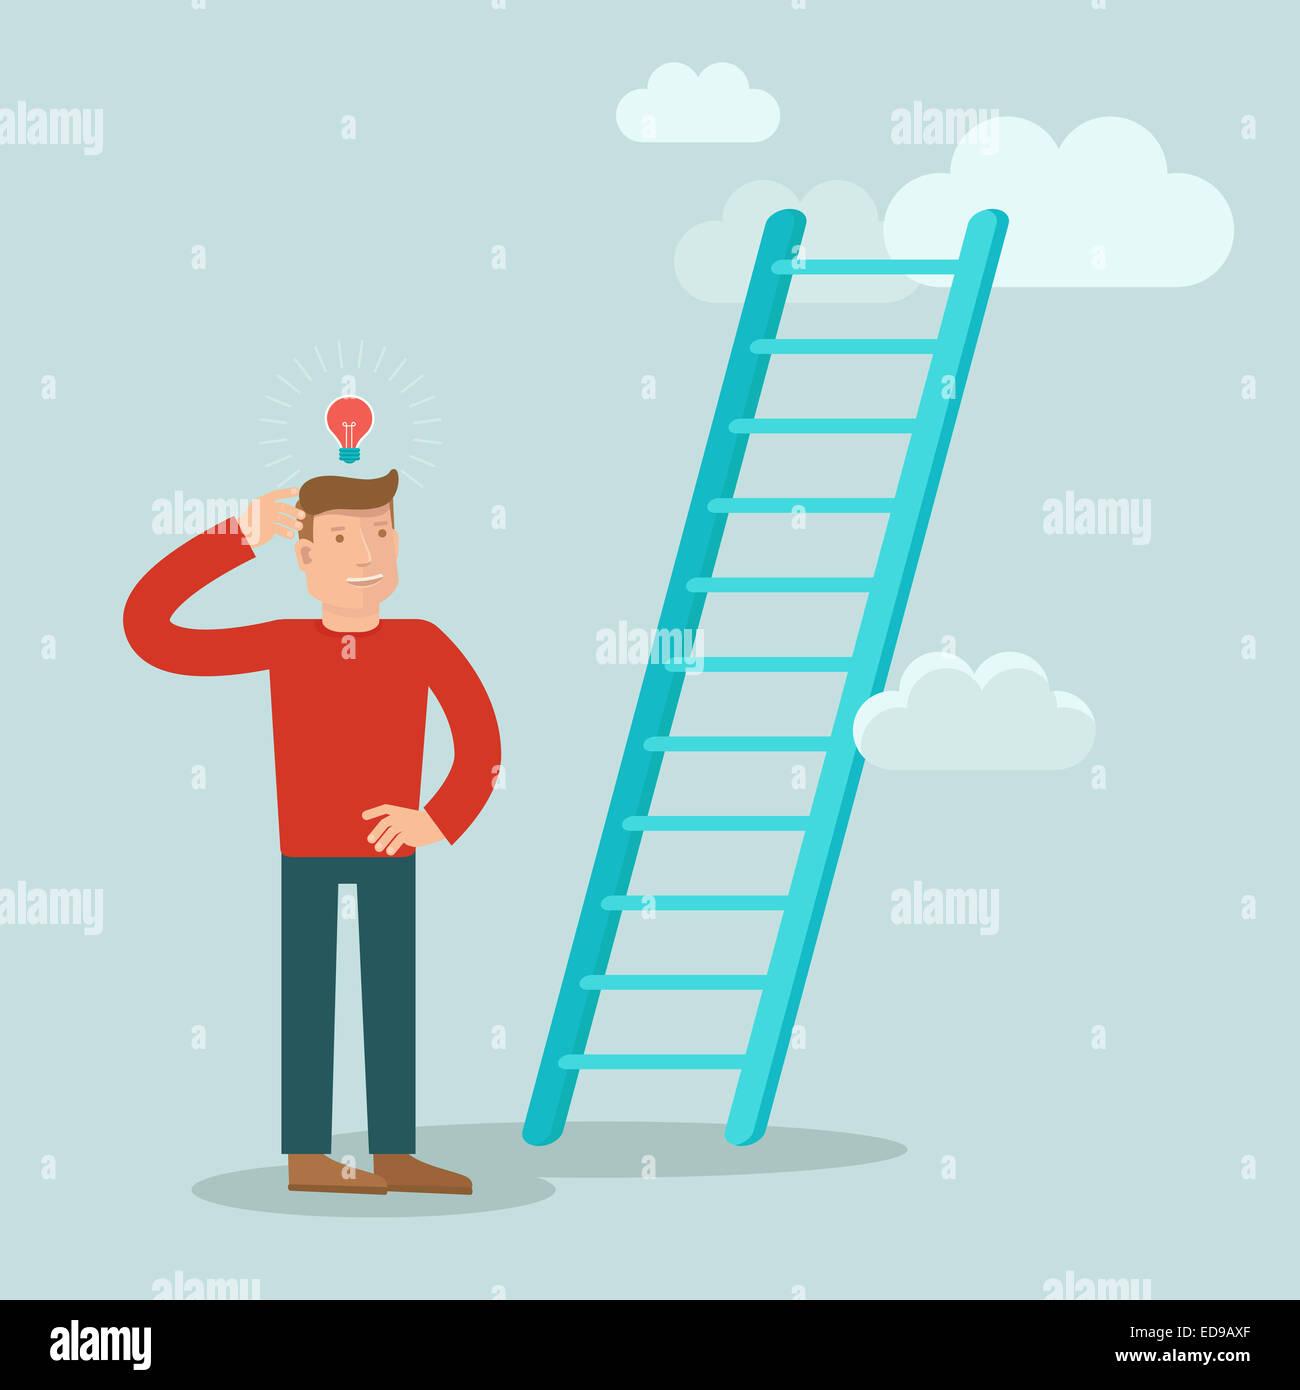 Business-Konzept im flachen Stil - männlichen Charakter Problem zu lösen, wie Sie Karriere und Erfolg Stockbild